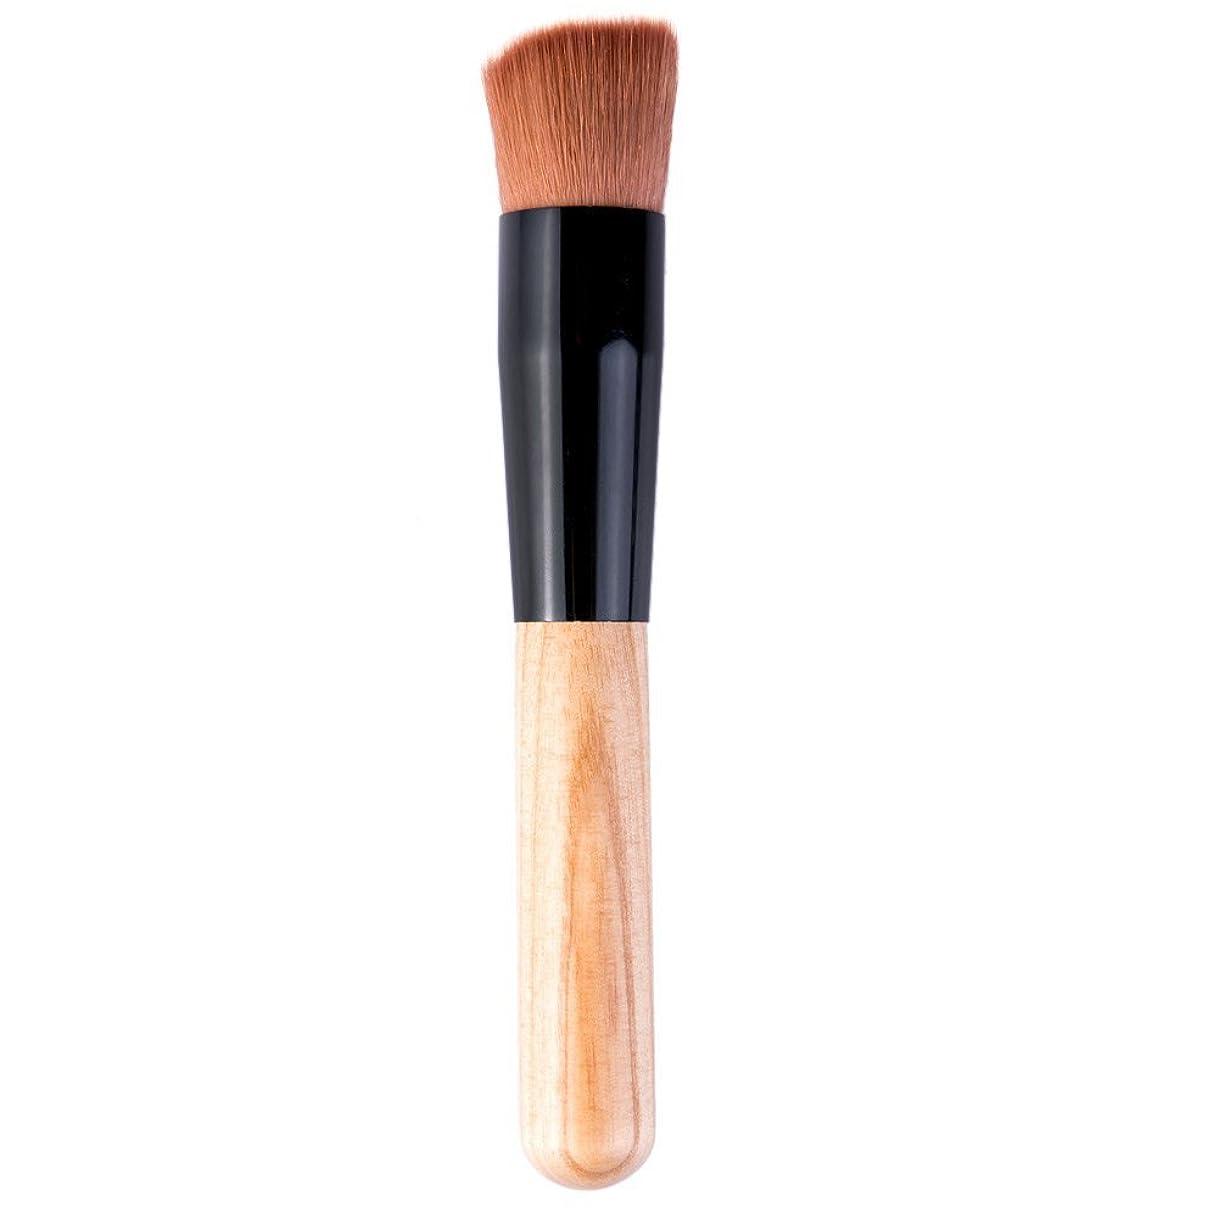 に慣れもう一度テメリティ粉末化粧ツール木製ハンドル ブラシの化粧ブラシ財団パウダー プロフェッショナル財団ブラシ